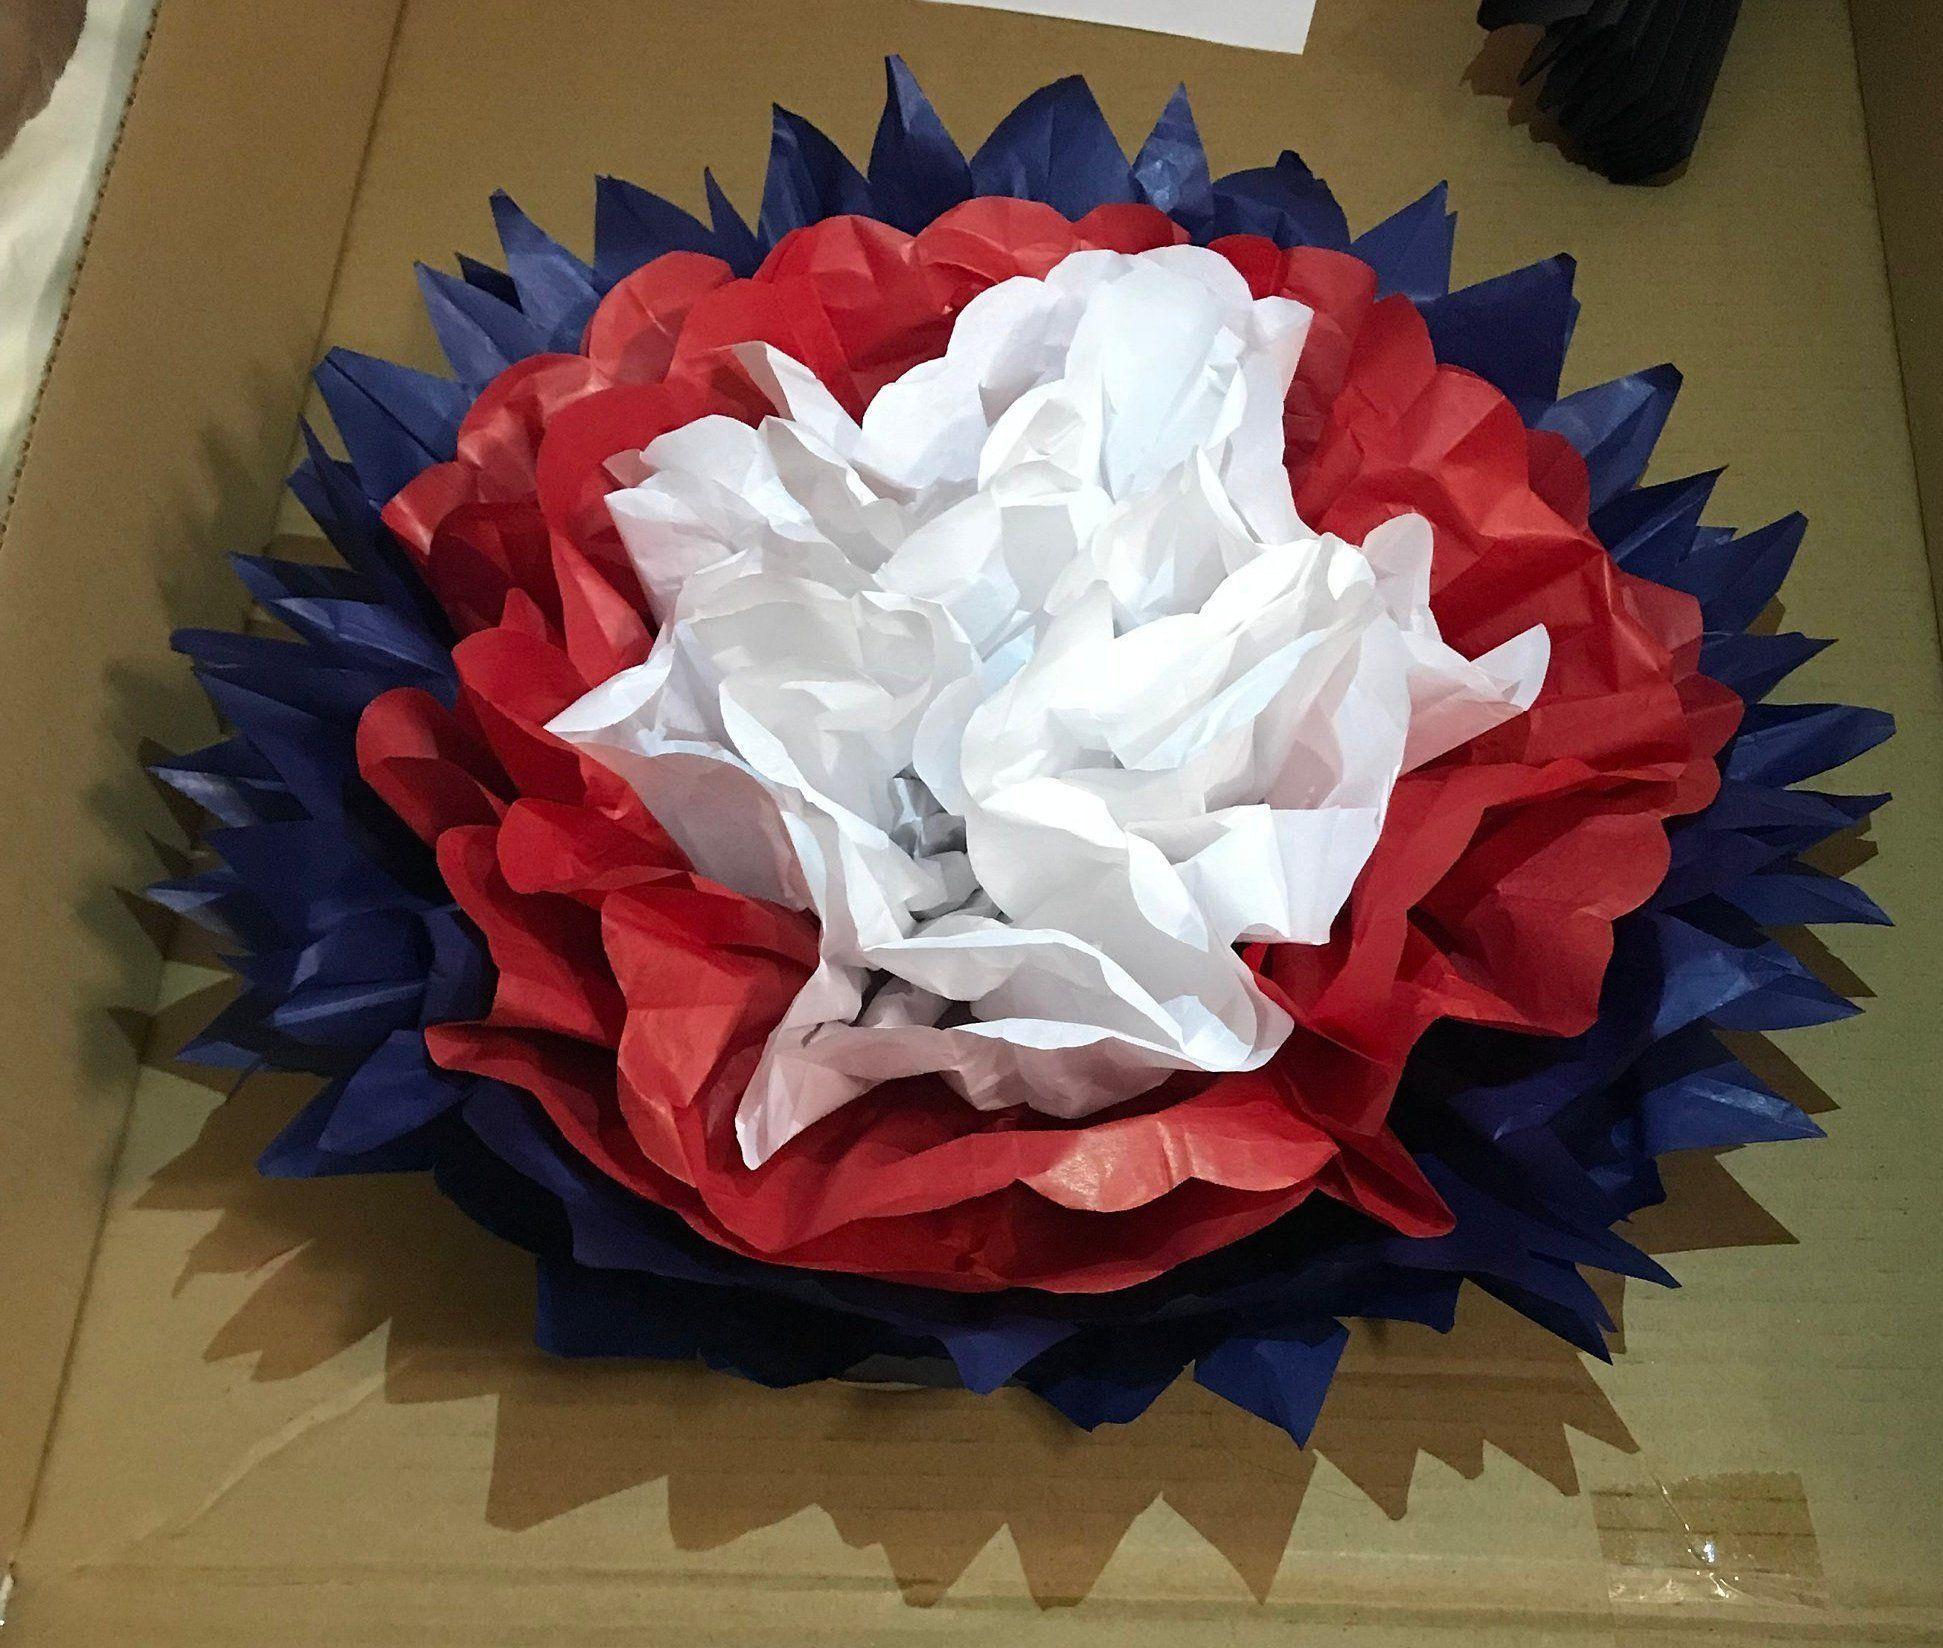 Red White & Blue Tissue Paper Flowers Veteran's Day | Etsy